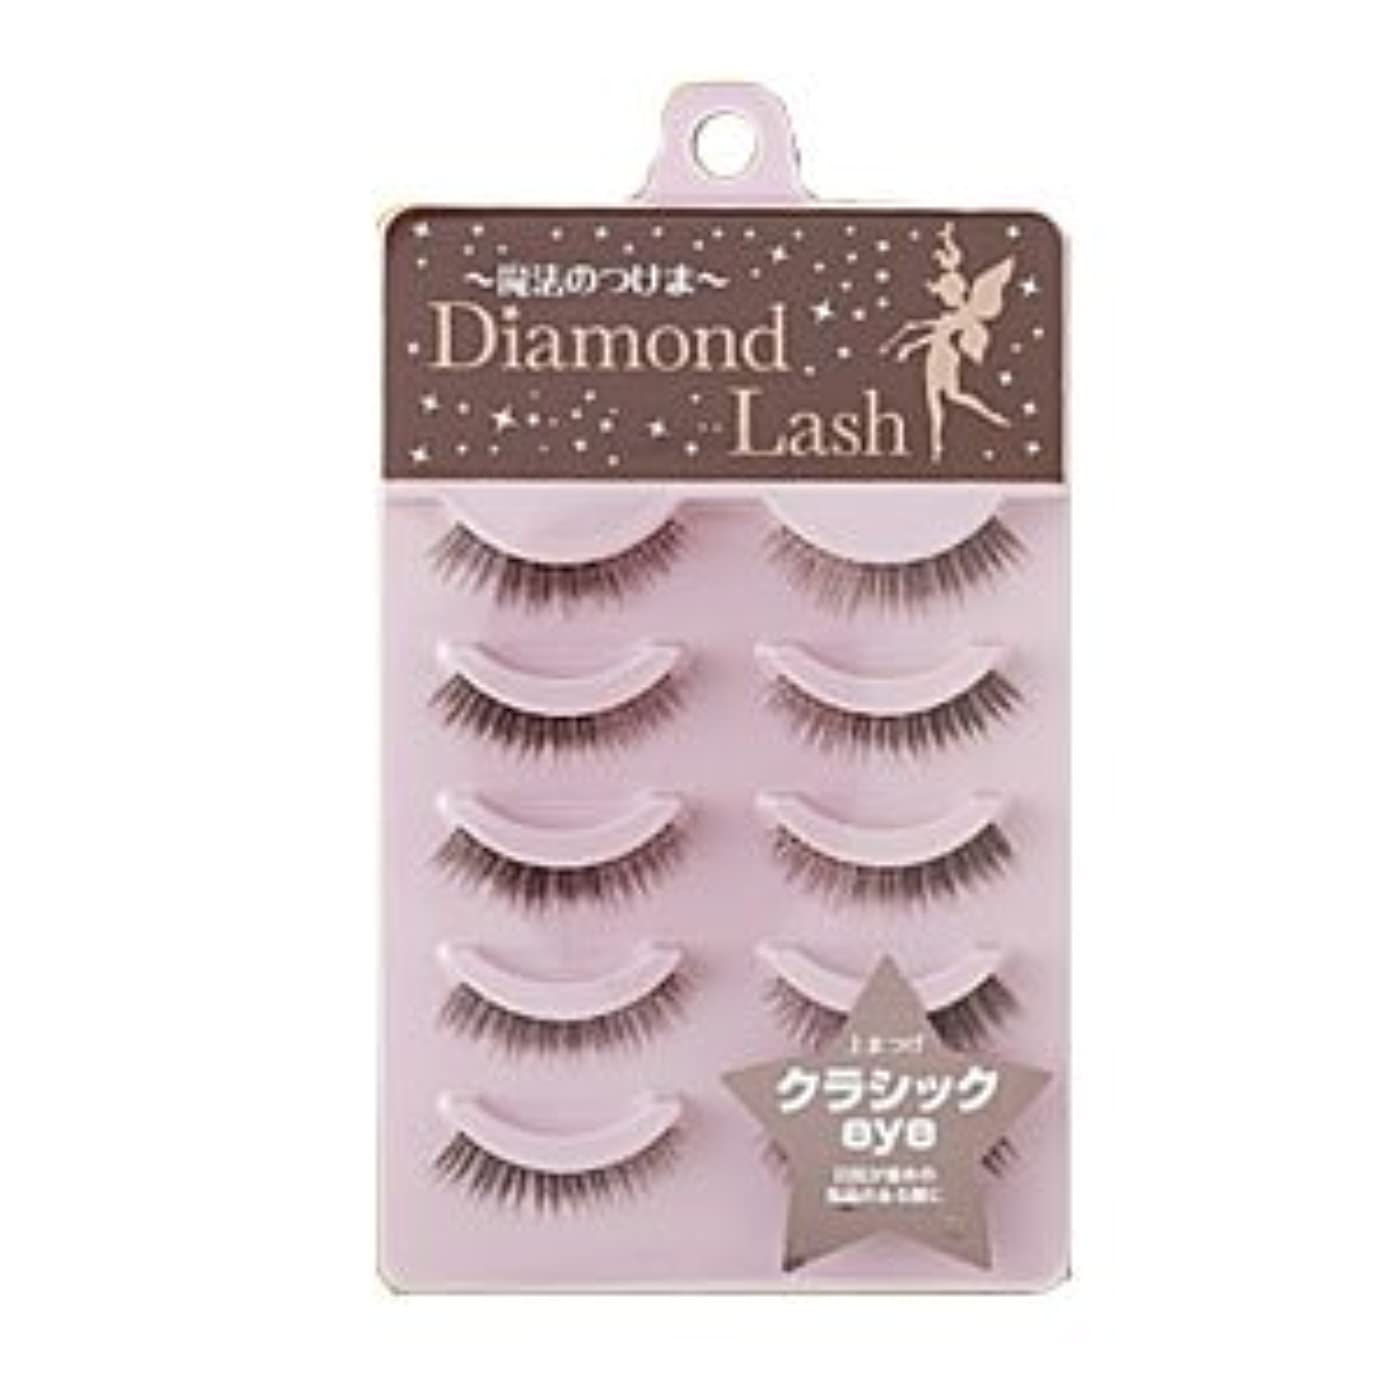 弾薬抹消行為ダイヤモンドラッシュ Diamond Lash つけまつげ リッチブラウンシリーズ クラシックeye